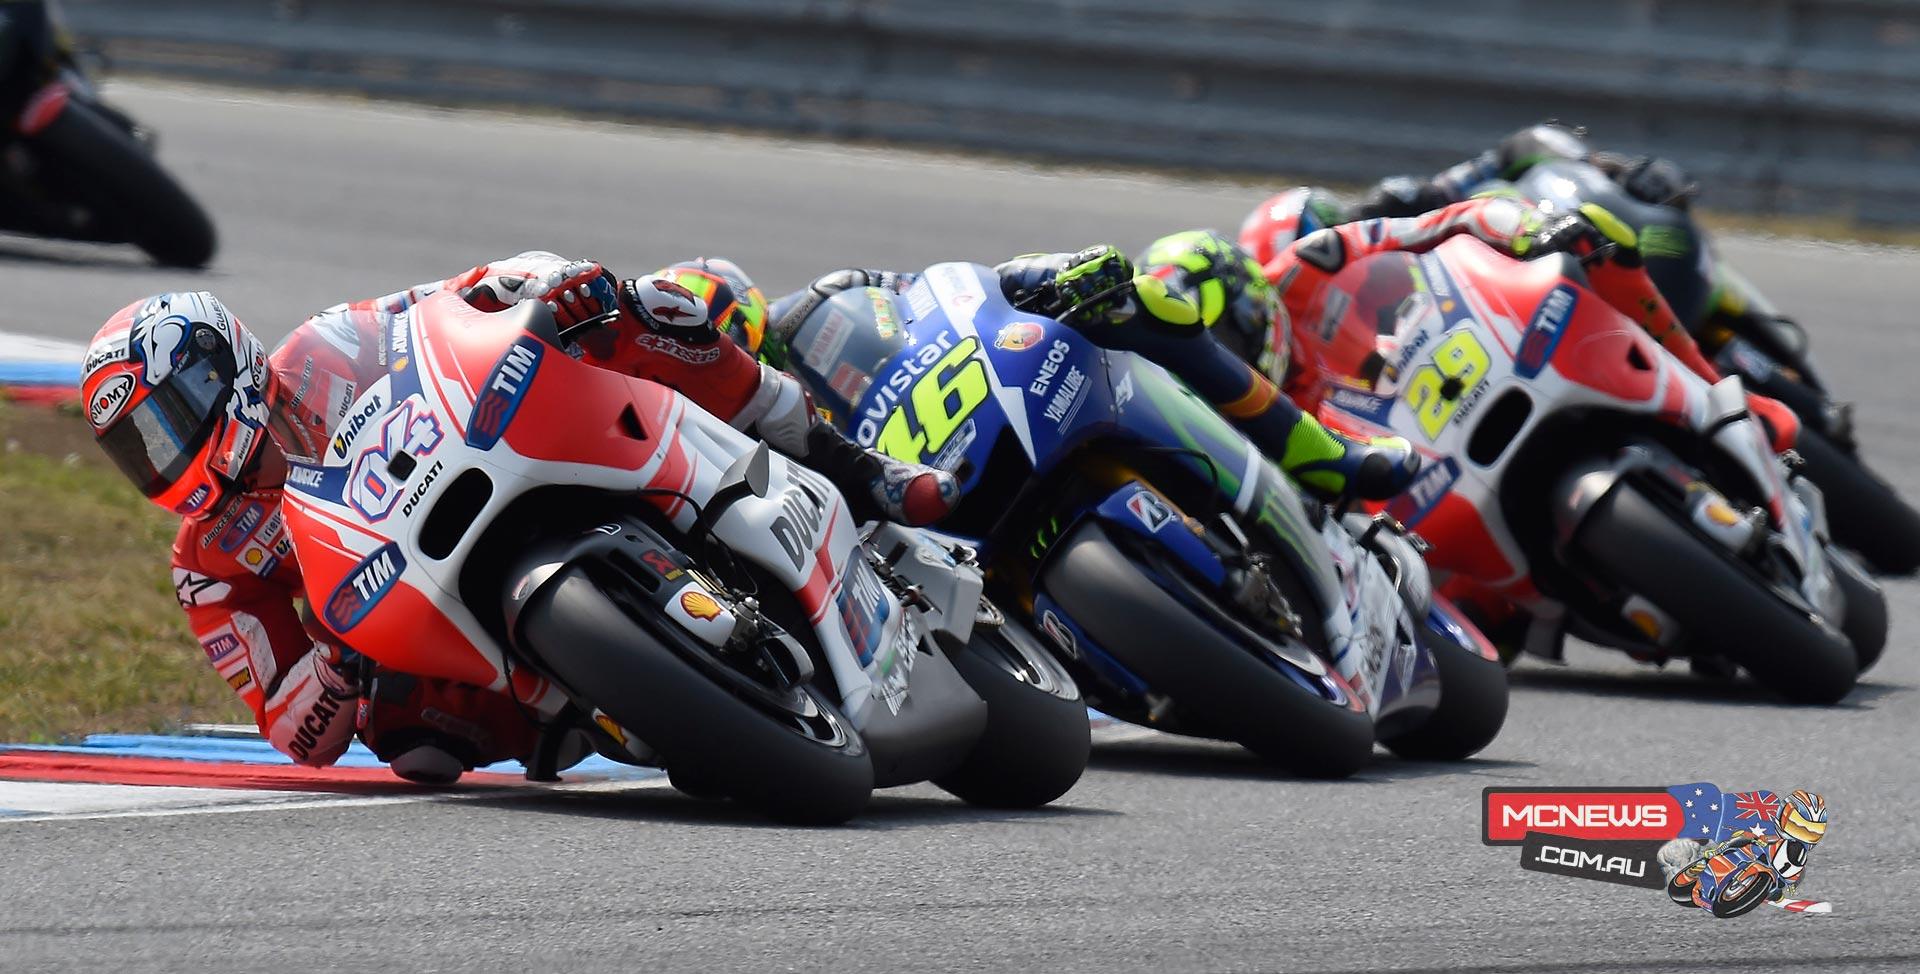 MotoGP 2015 - Round 11 - Brno - Andrea Dovizioso, Valentino Rossi, Andrea Iannone